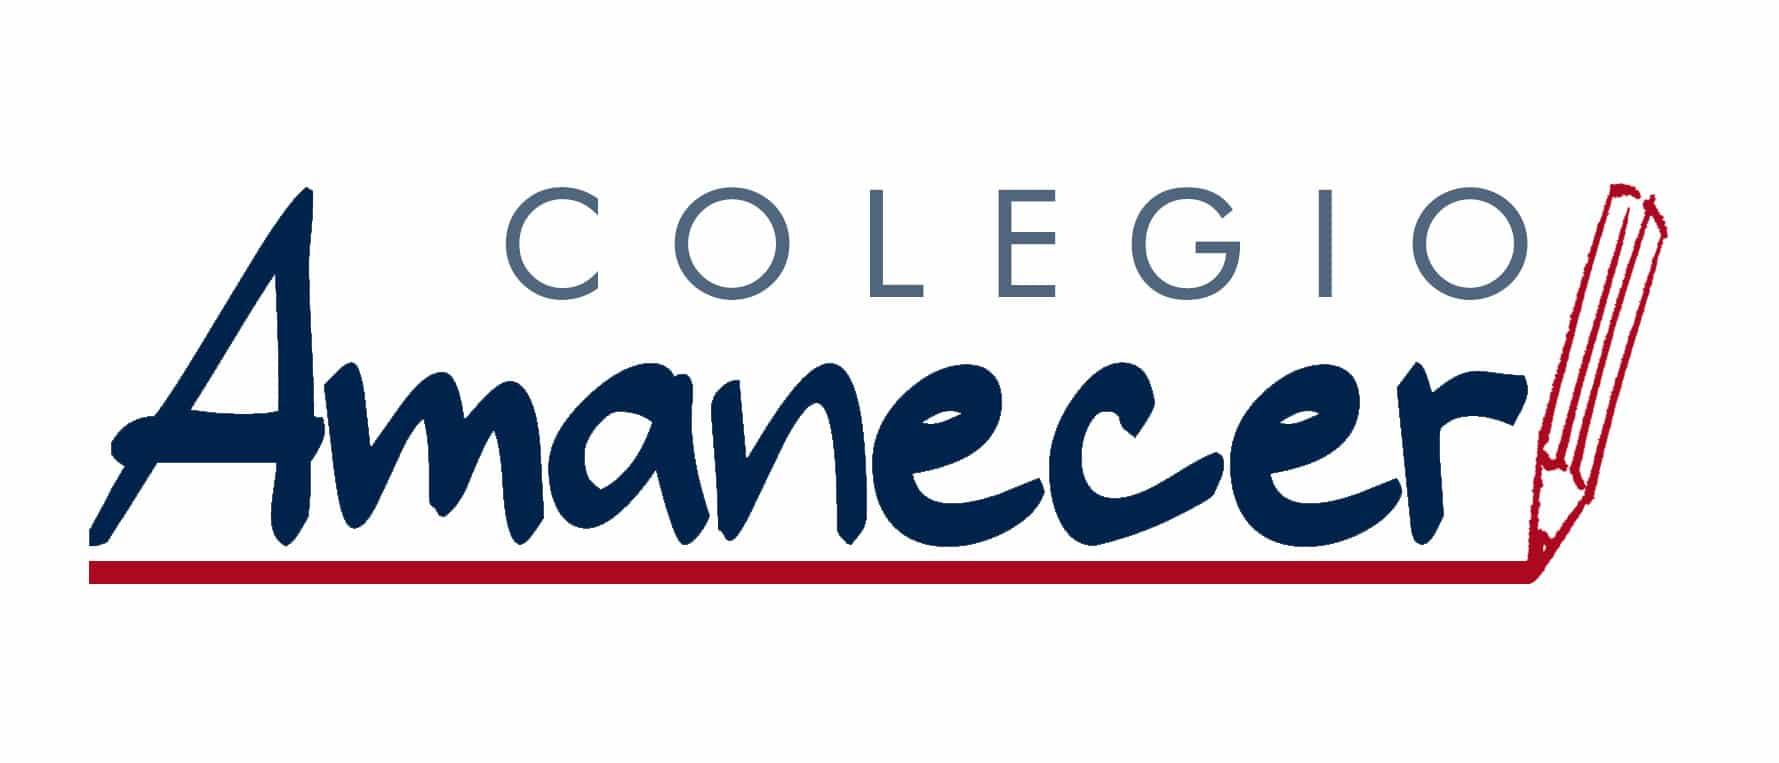 Colegio Alcorcon - Amanecer